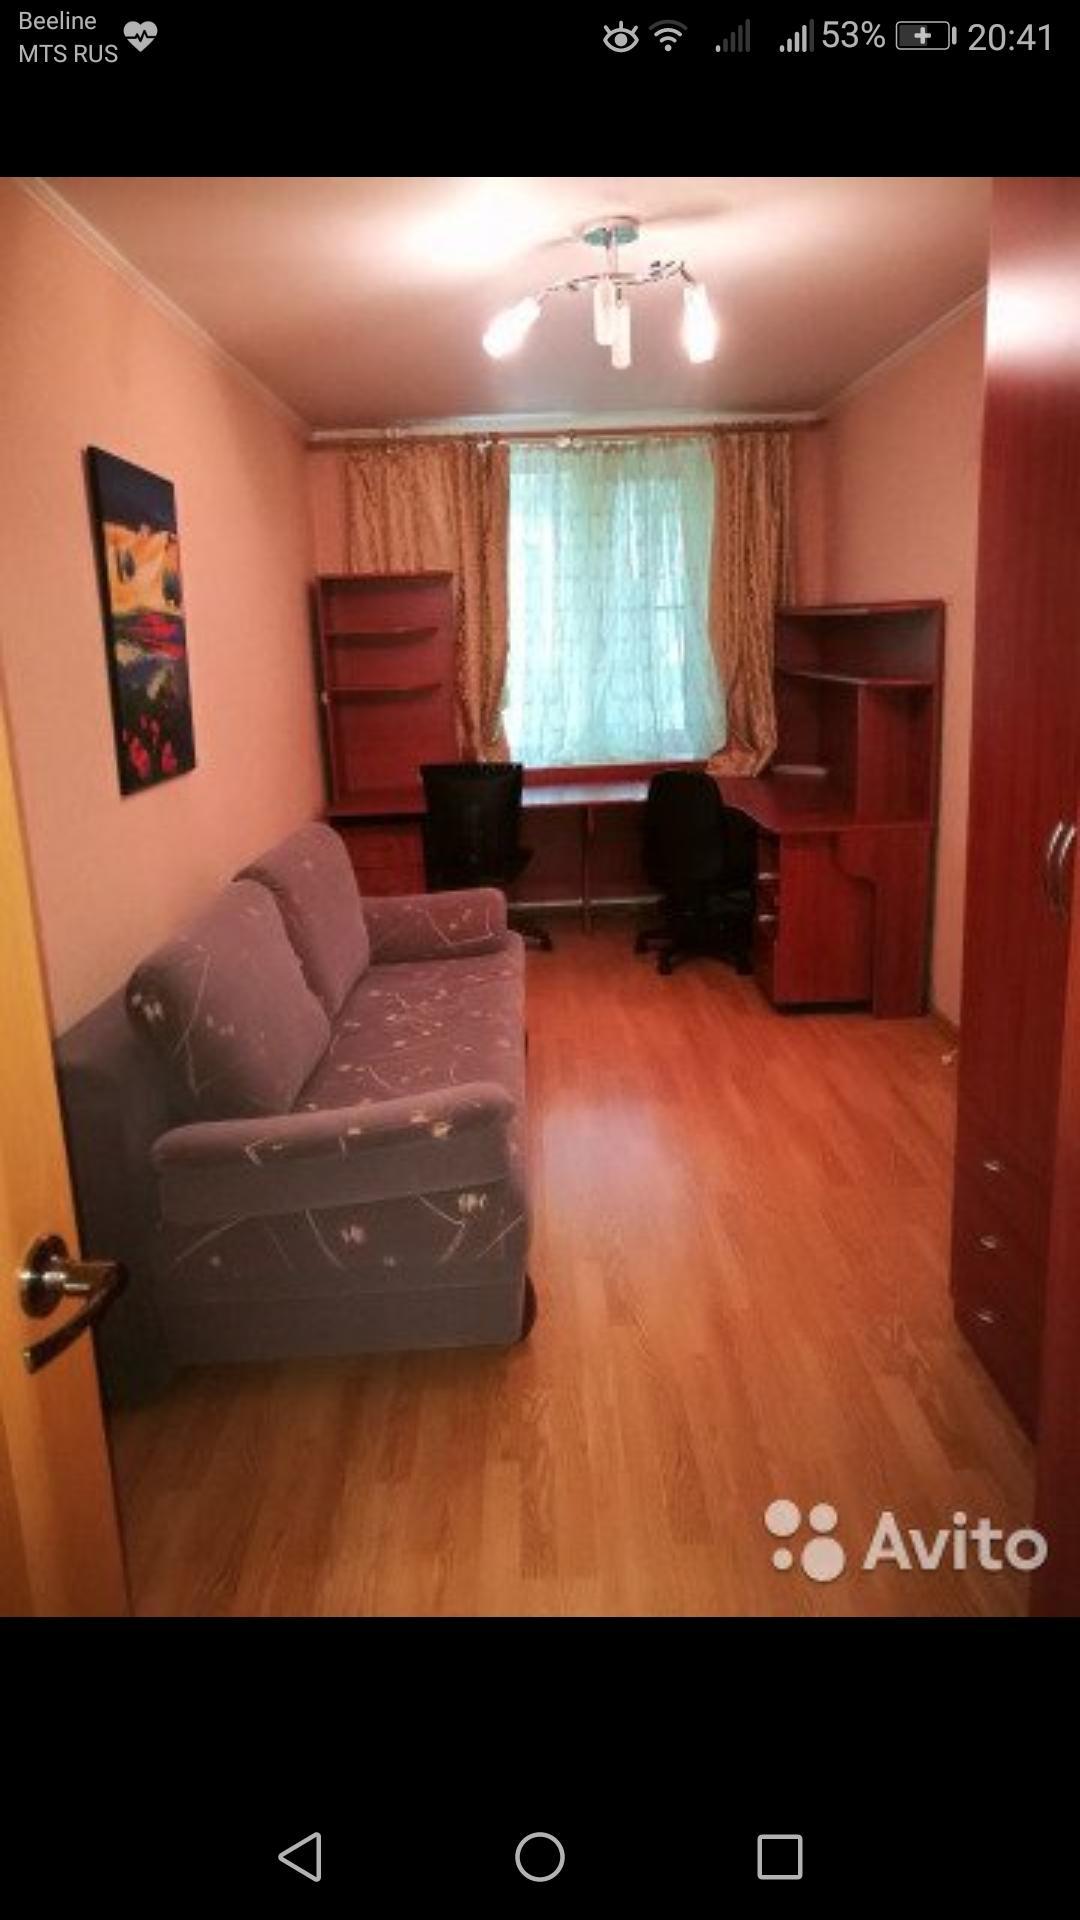 Квартира, 3 комнаты, 57.6 м² в Мытищах 89030184441 купить 5